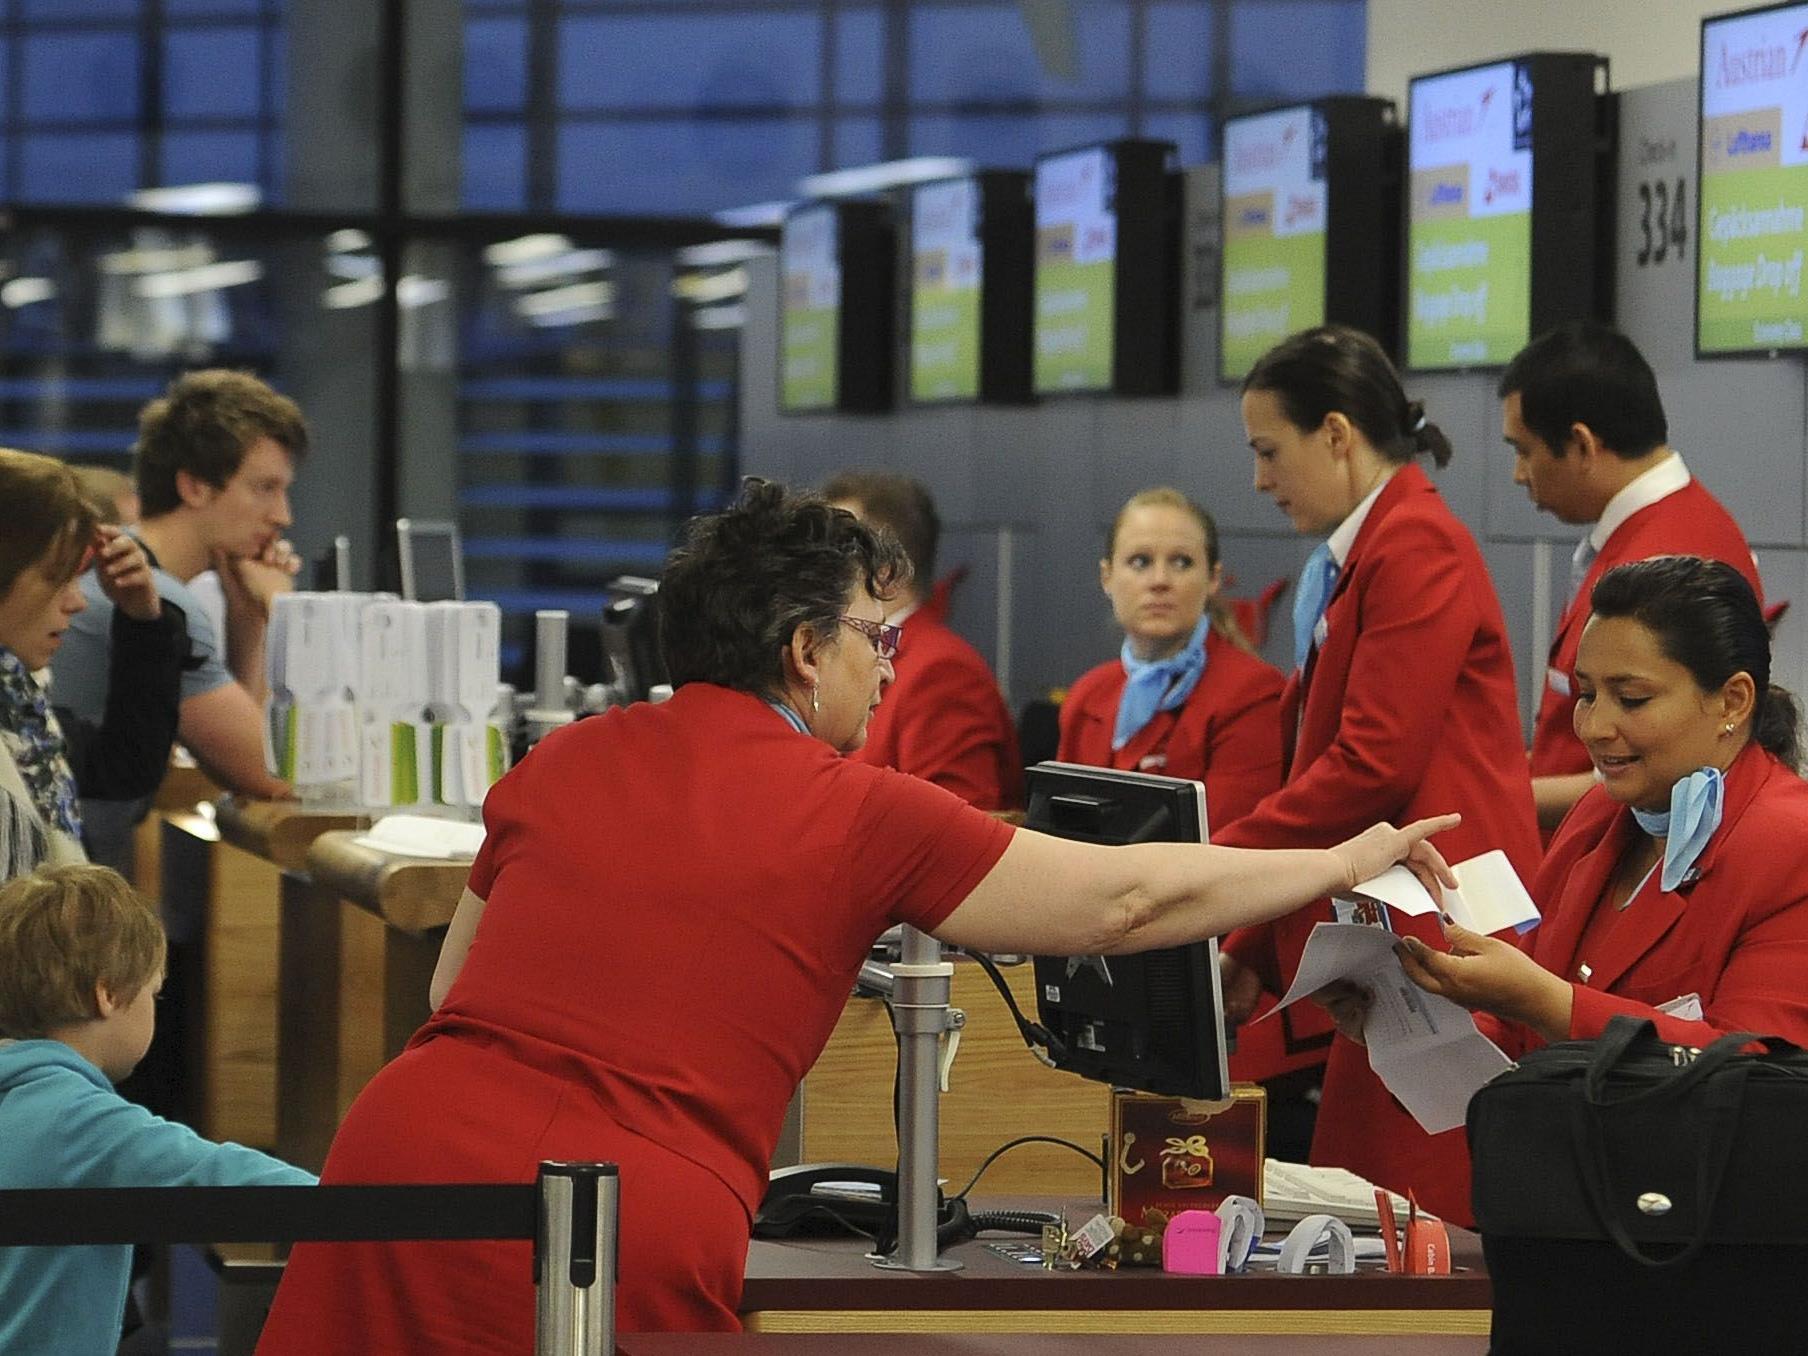 Derzeit sind europäische Flughäfen verpflichtet, bei Ausschreibungen mindestens zwei Bewerber zu haben.